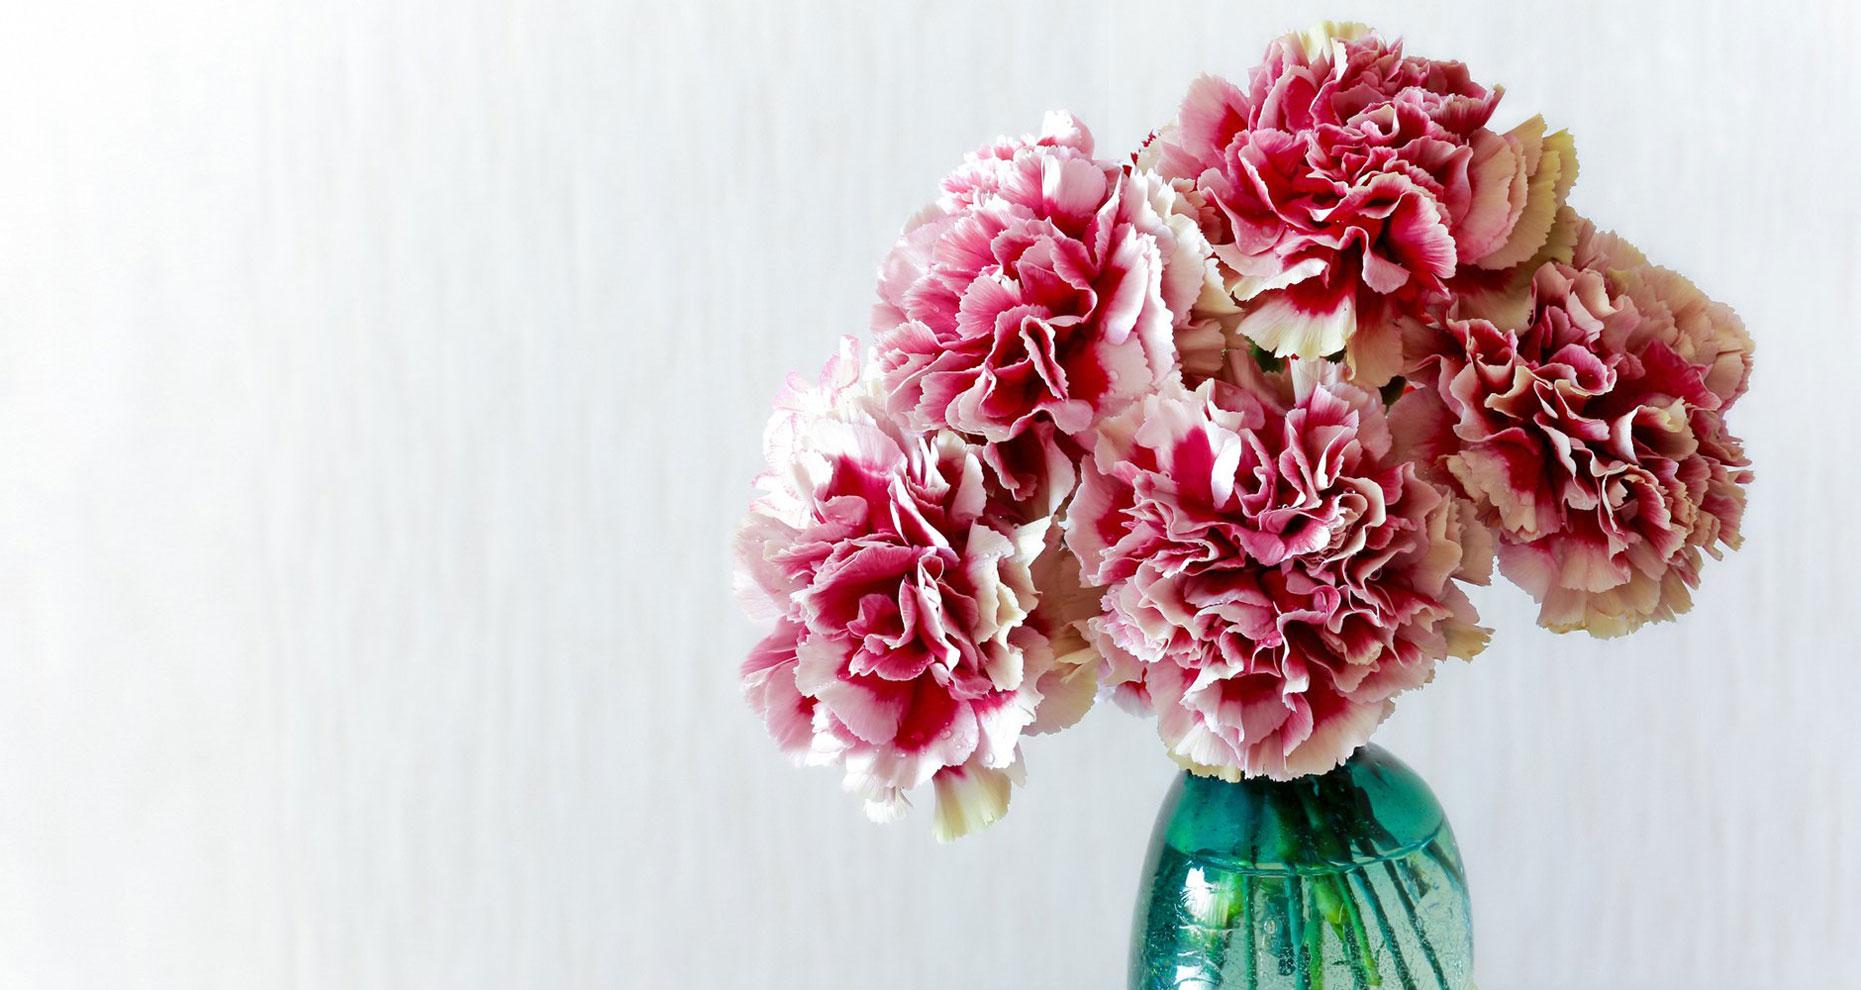 گل میخک هدیه روز مادر